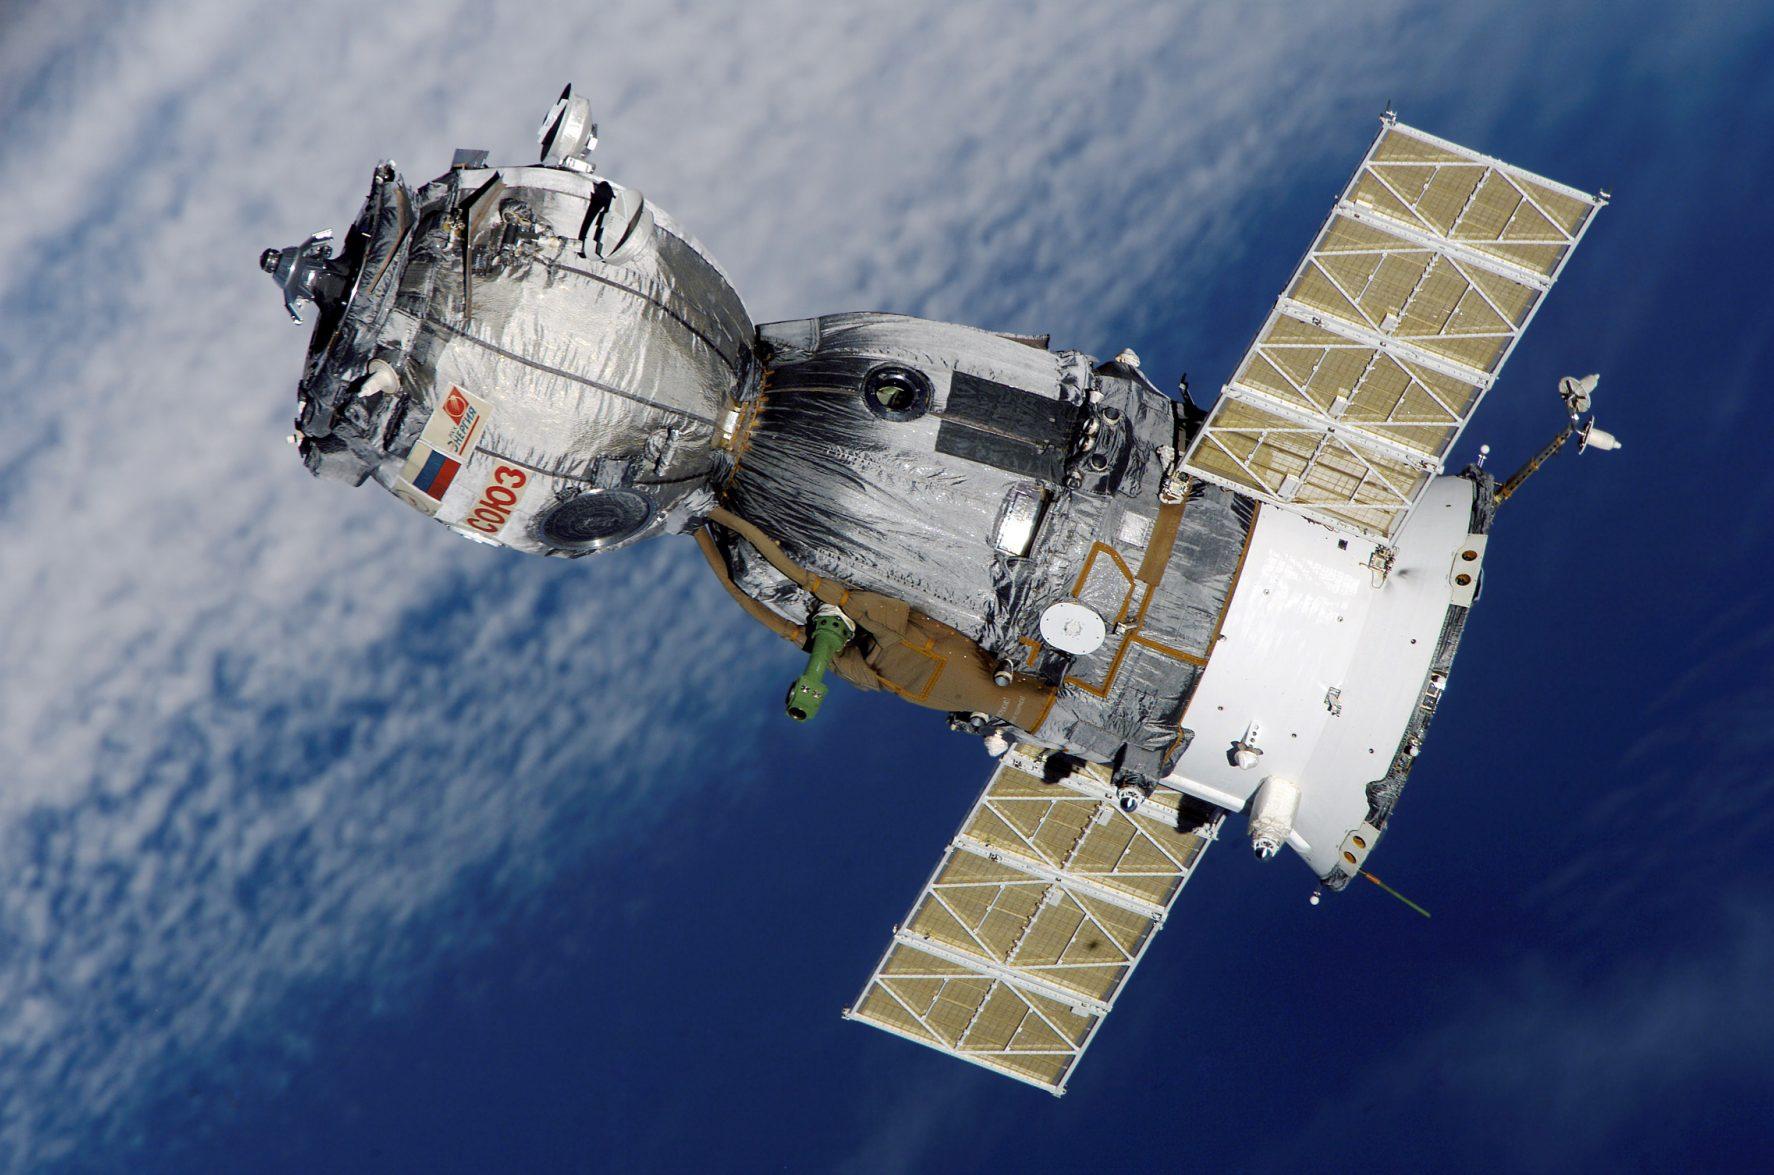 Проведено совещание по вопросам развития космических технологий